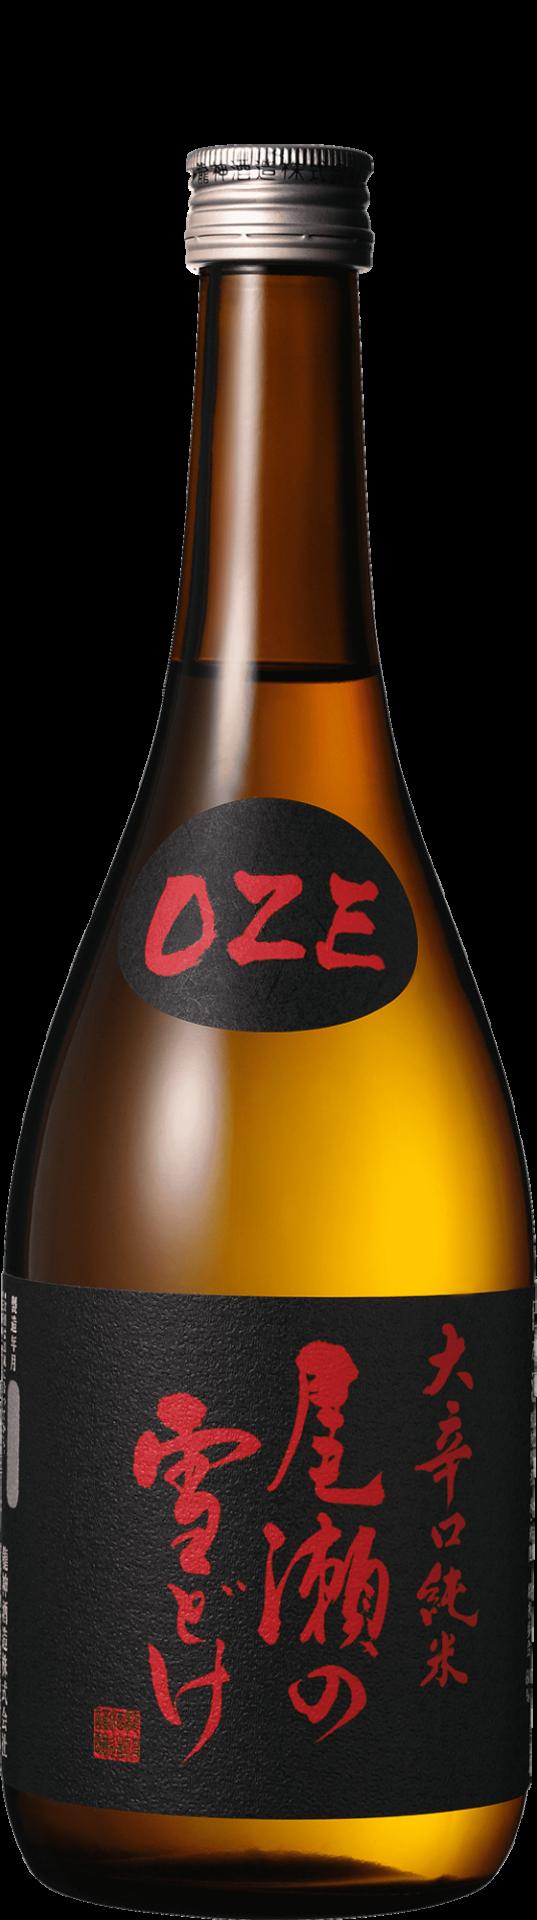 200752 Le Oze no Yukidoke